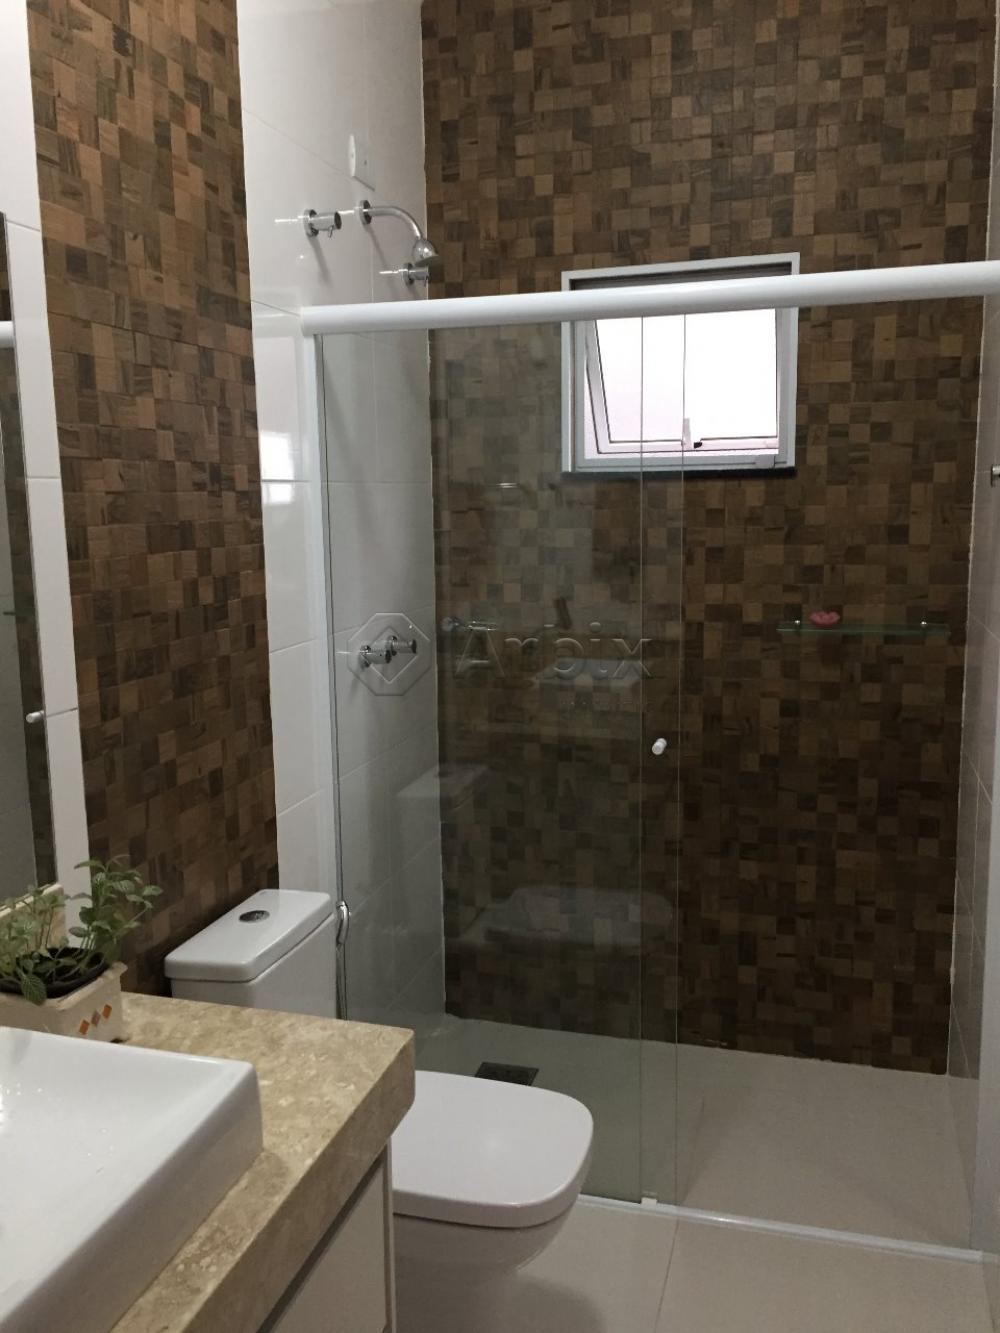 Comprar Casa / Padrão em Santa Bárbara D`Oeste apenas R$ 1.200.000,00 - Foto 4